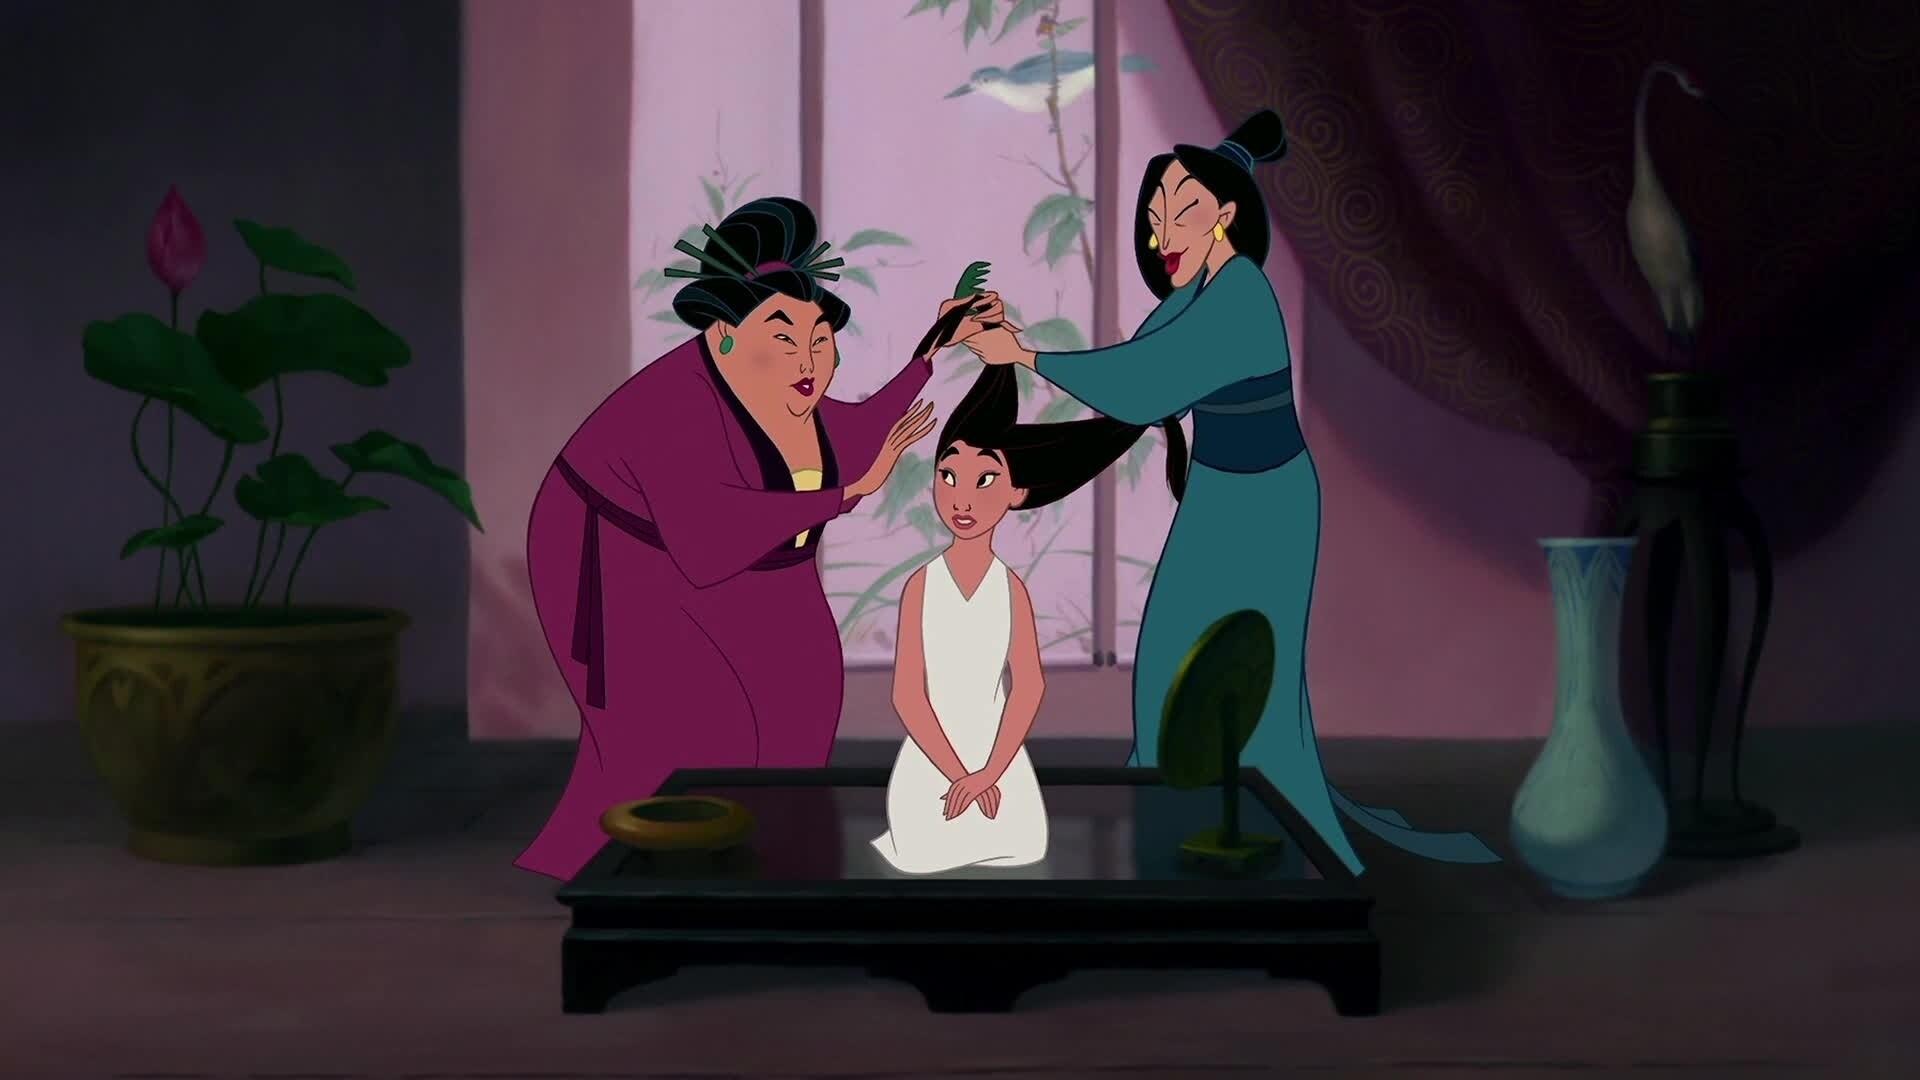 Nos vas a brindar honor - Mulán - Soy una princesa